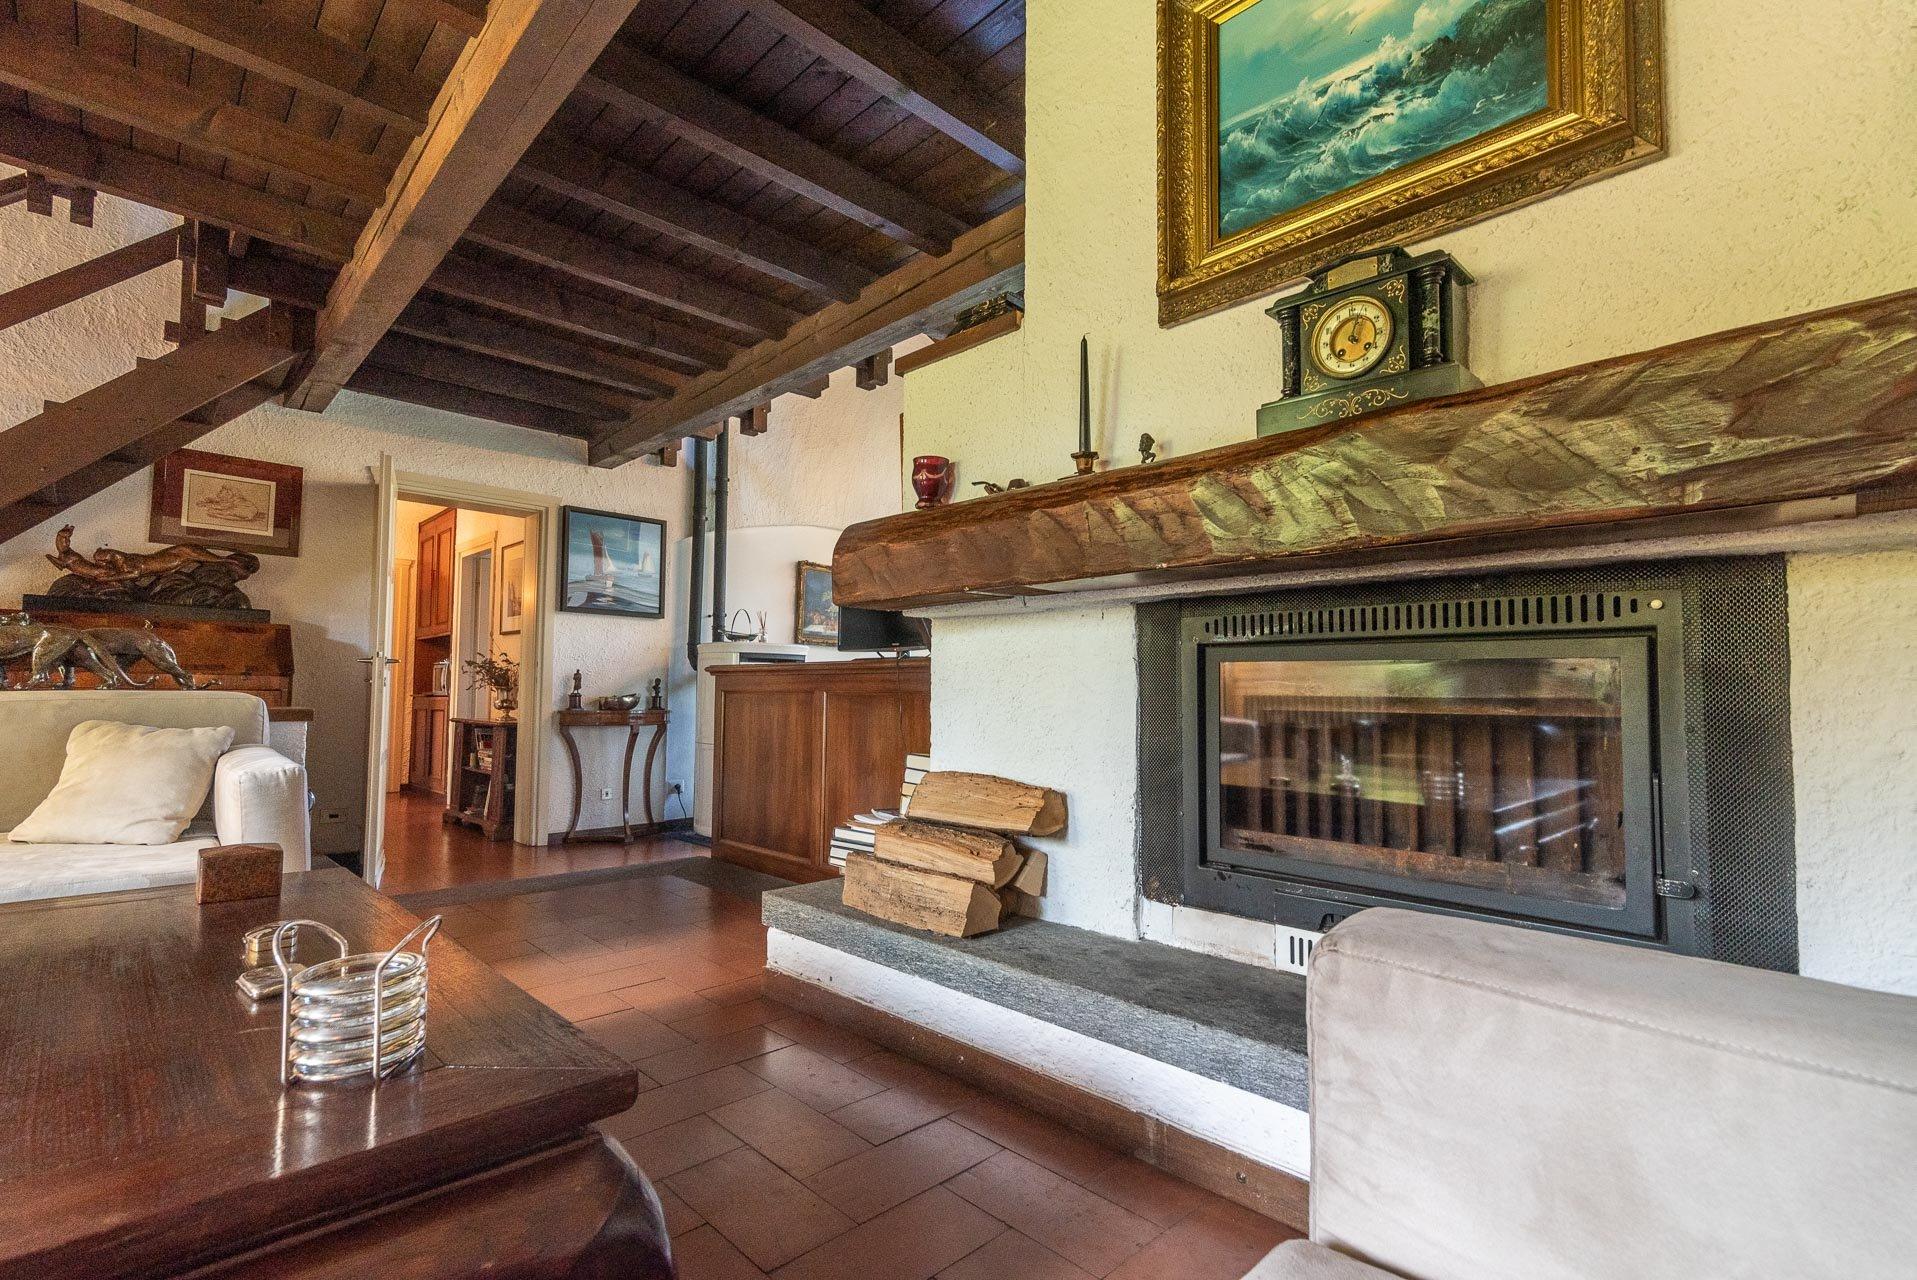 Villa con piscina in vendita a Gignese - soggiorno con camino